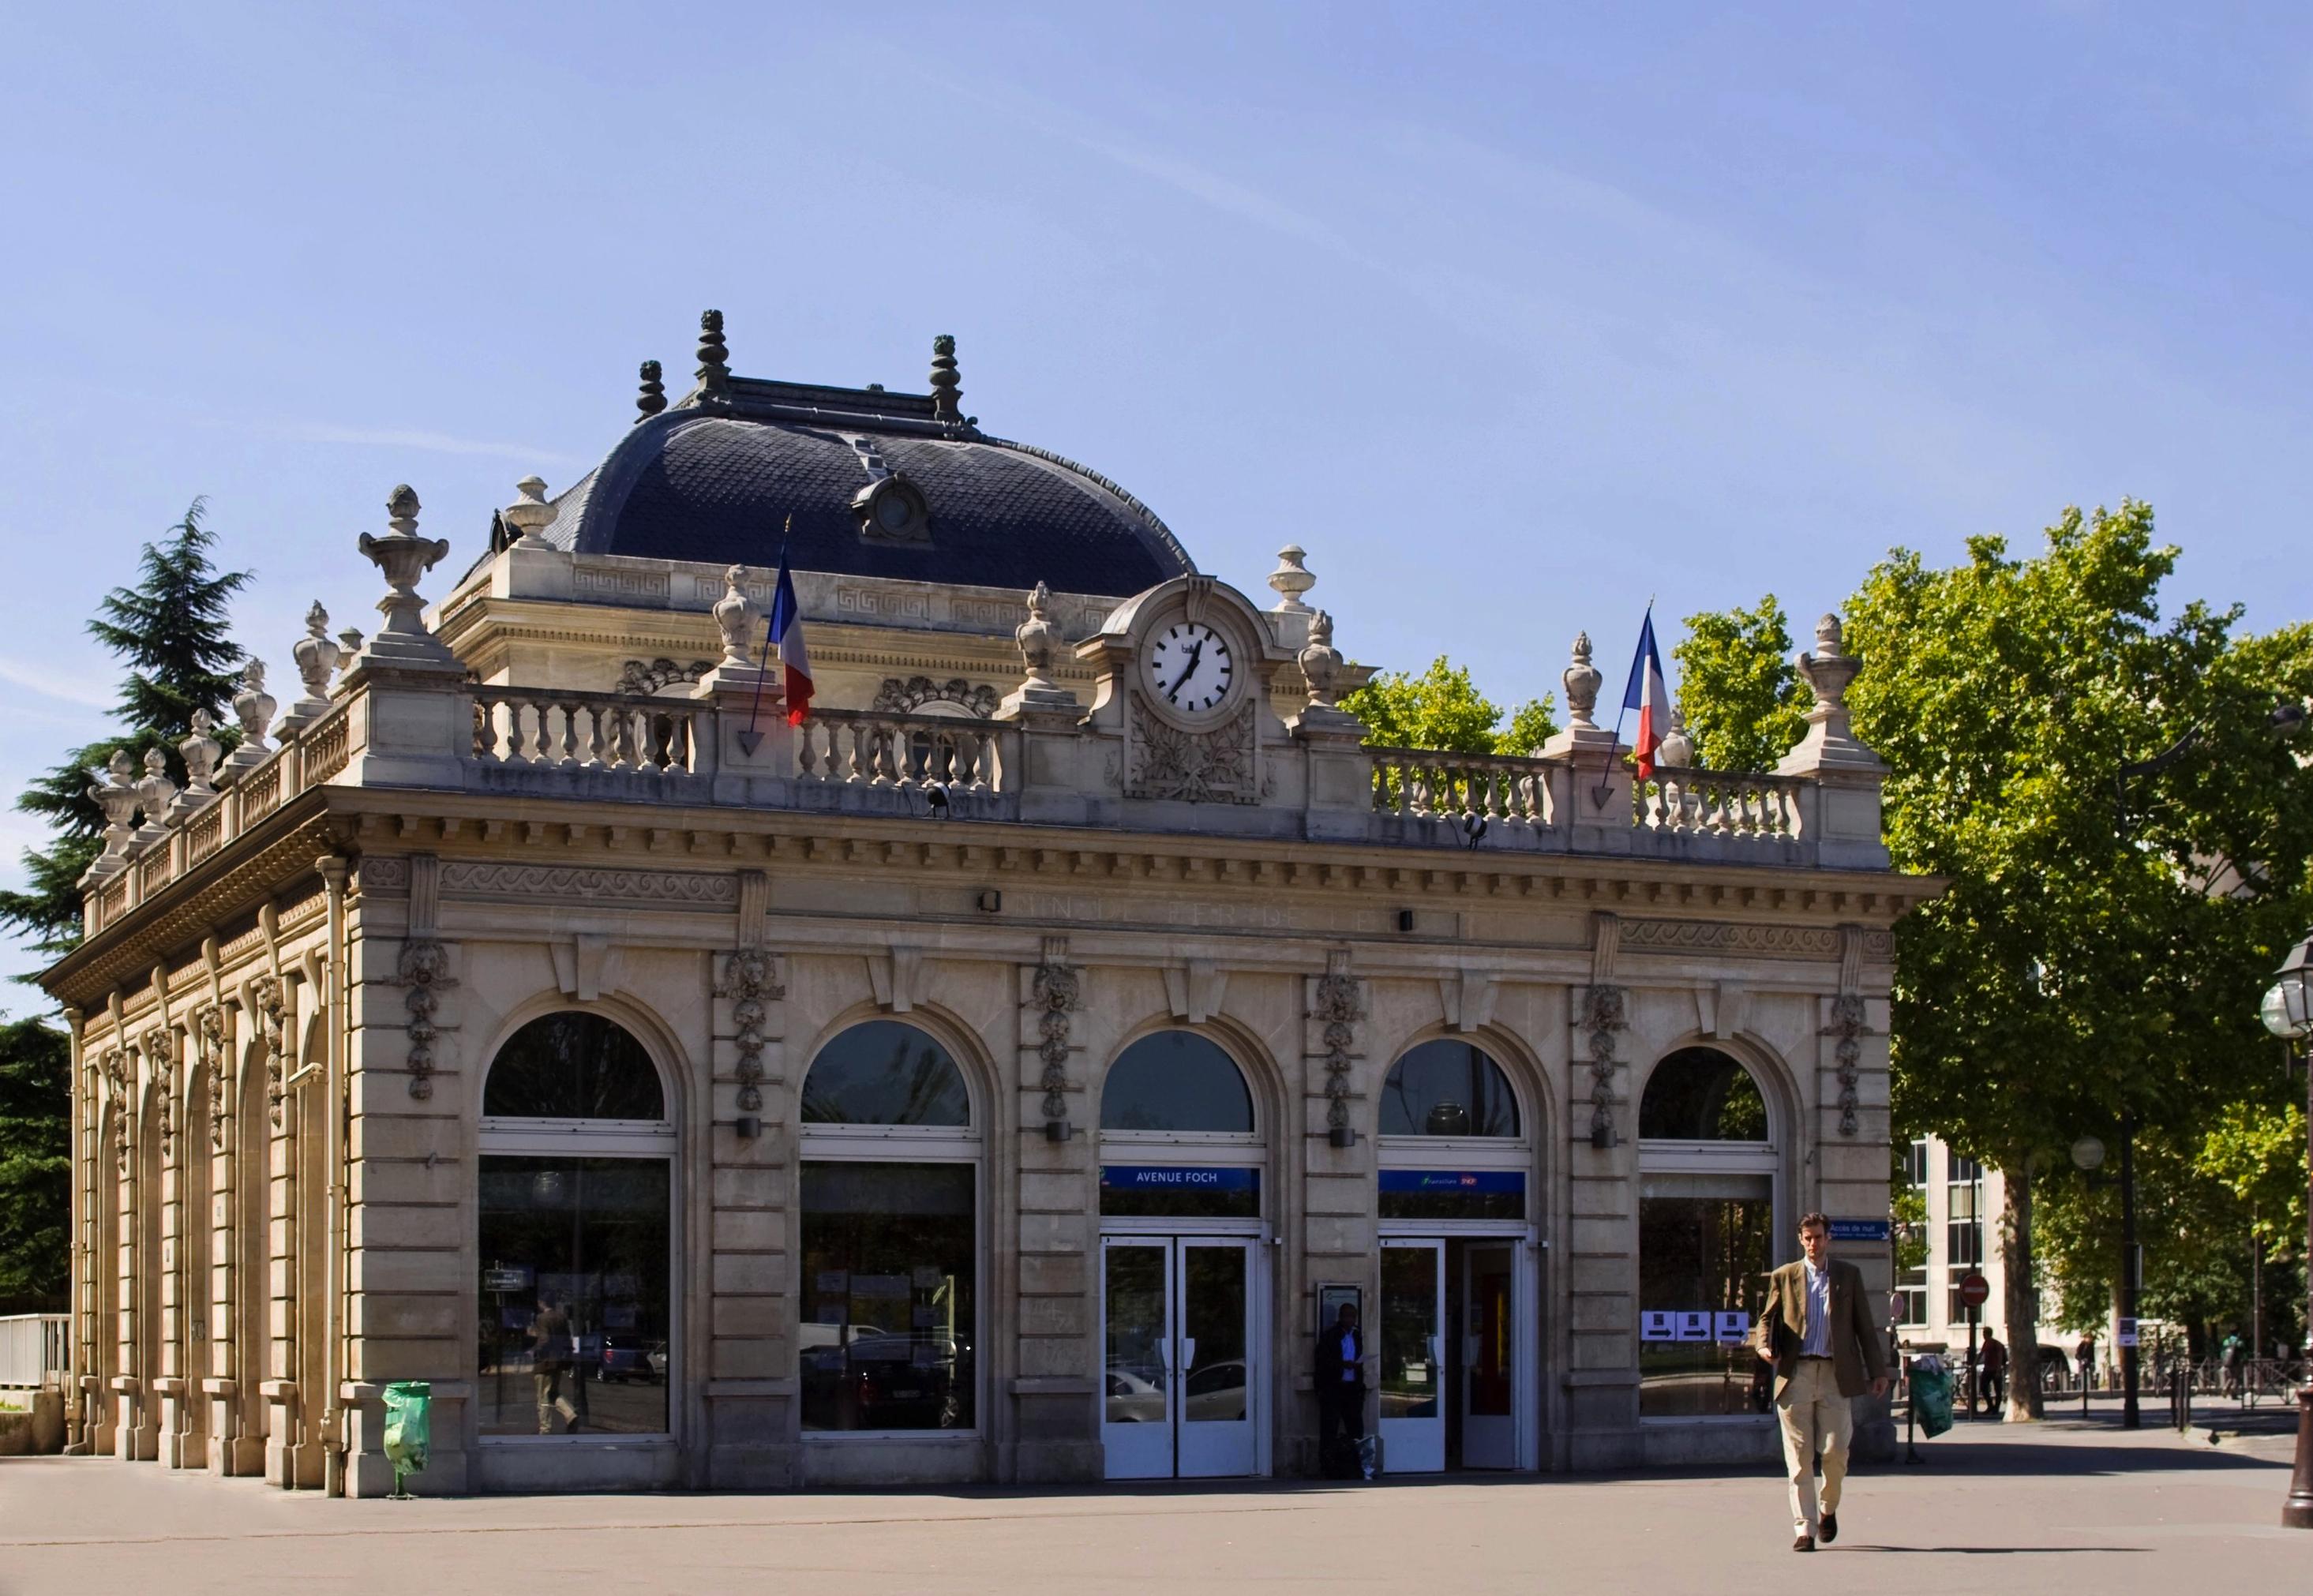 File:Gare de l\'avenue Foch 2 September 2010.jpg - Wikimedia Commons